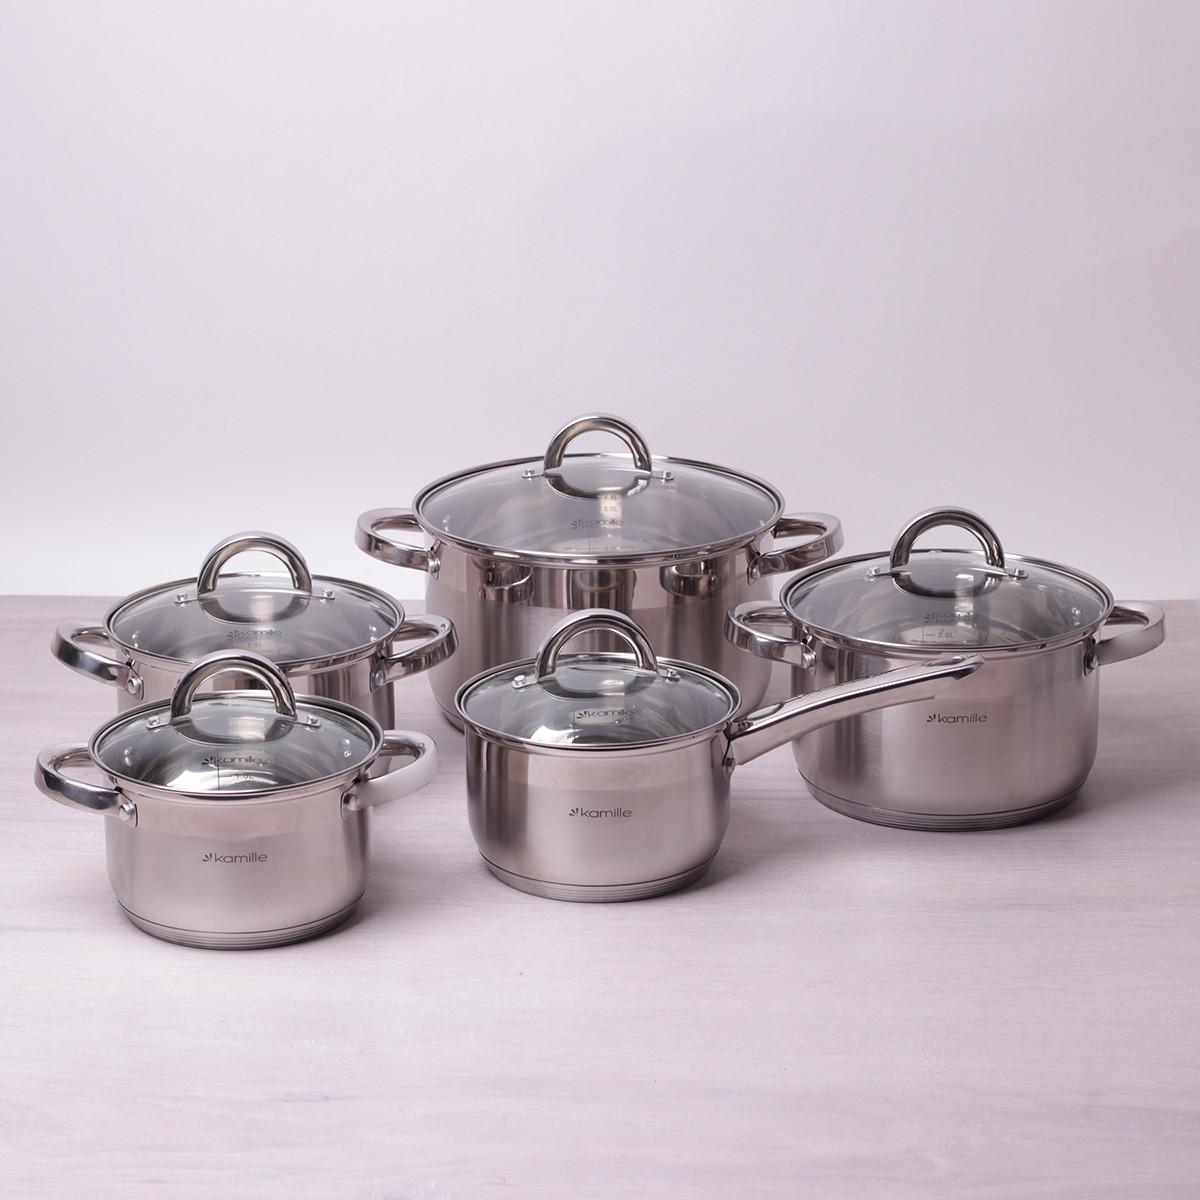 Набор посуды Kamille из нержавеющей стали: кастрюли (2.1л, 2.9л, 3.9л, 6.5л), ковш (2.1л)